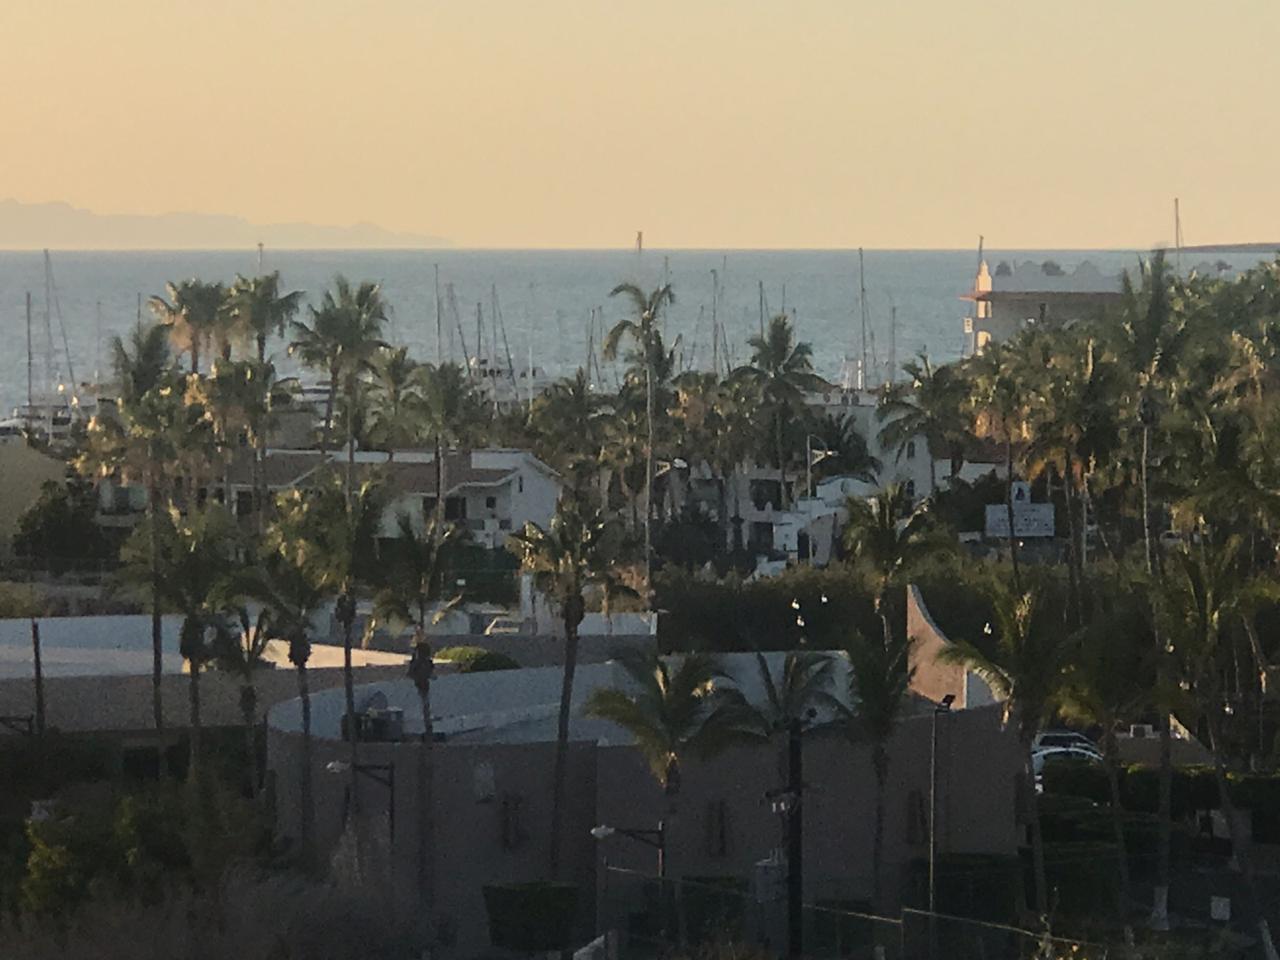 Golfo De California - Photo 1